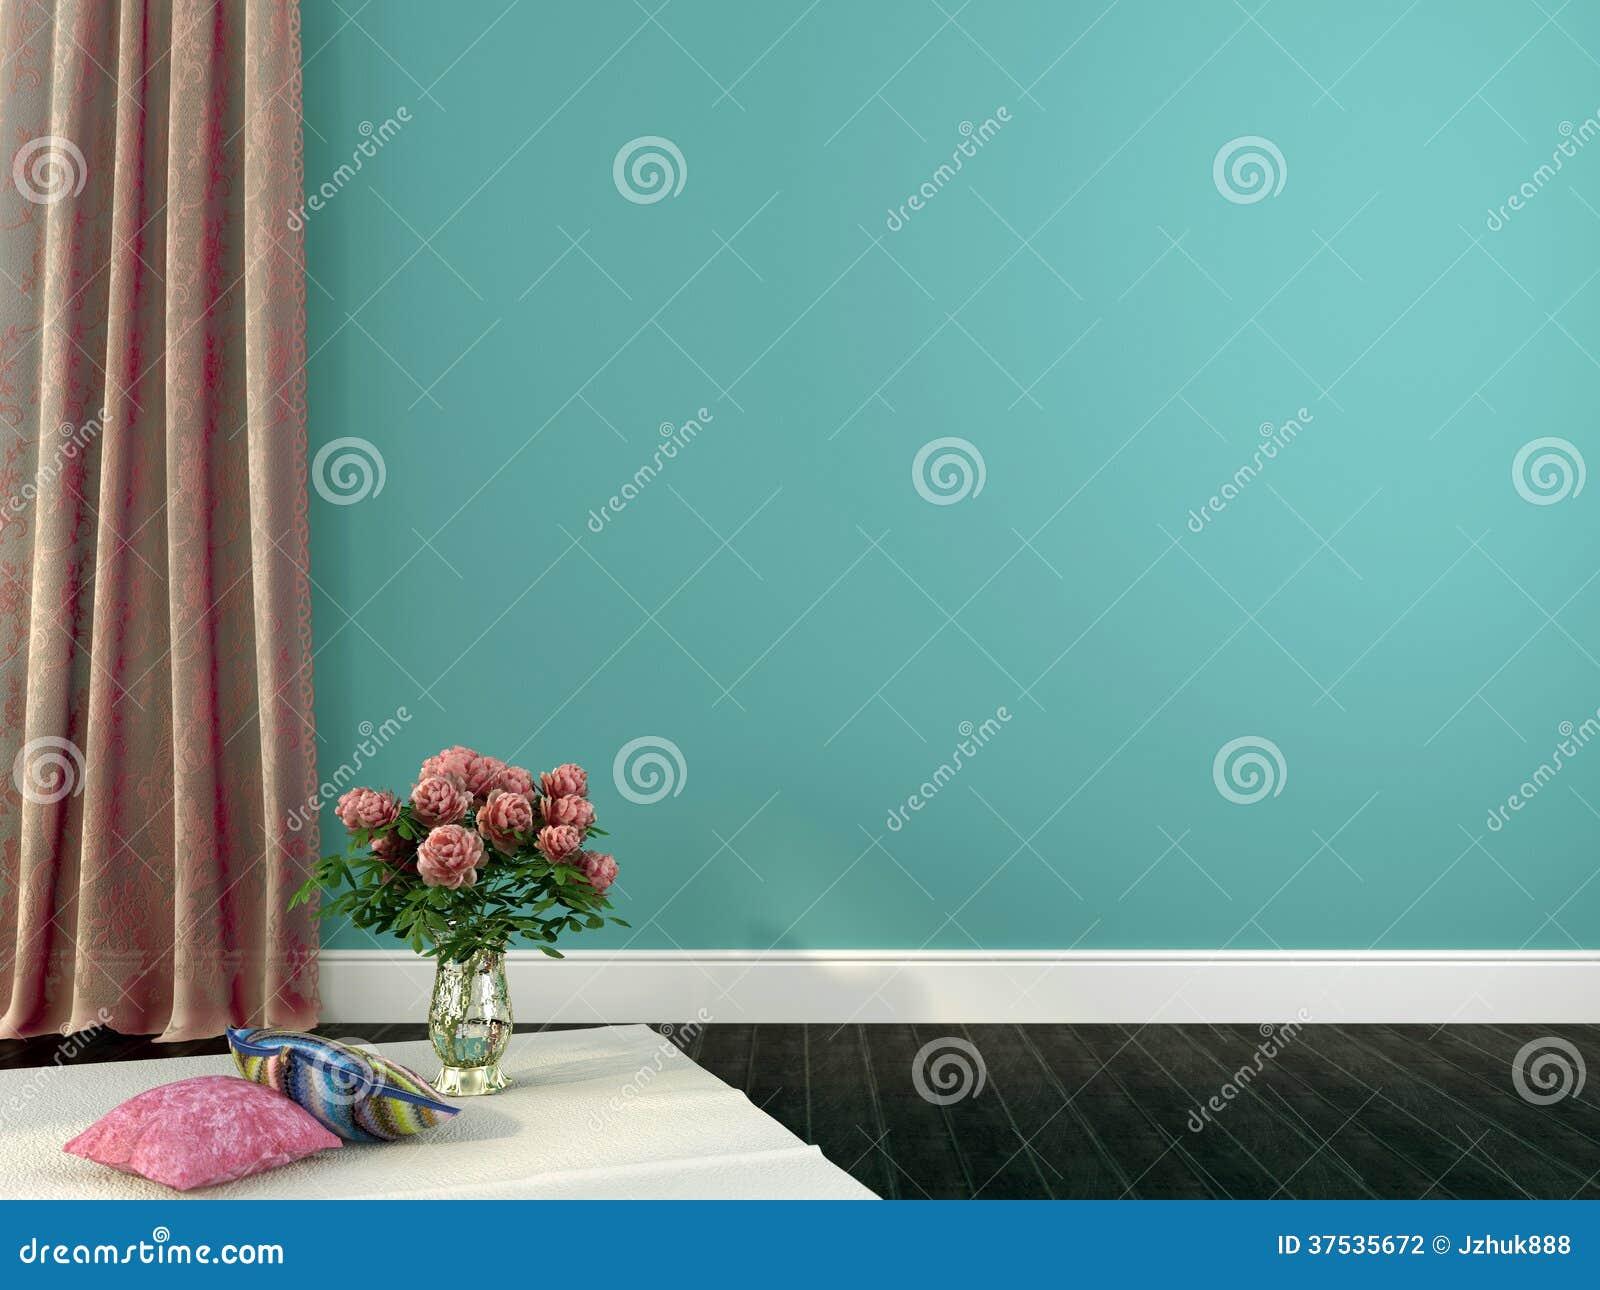 Romantisch Binnenland Met Roze Gordijnen En Decor Stock Illustratie ...